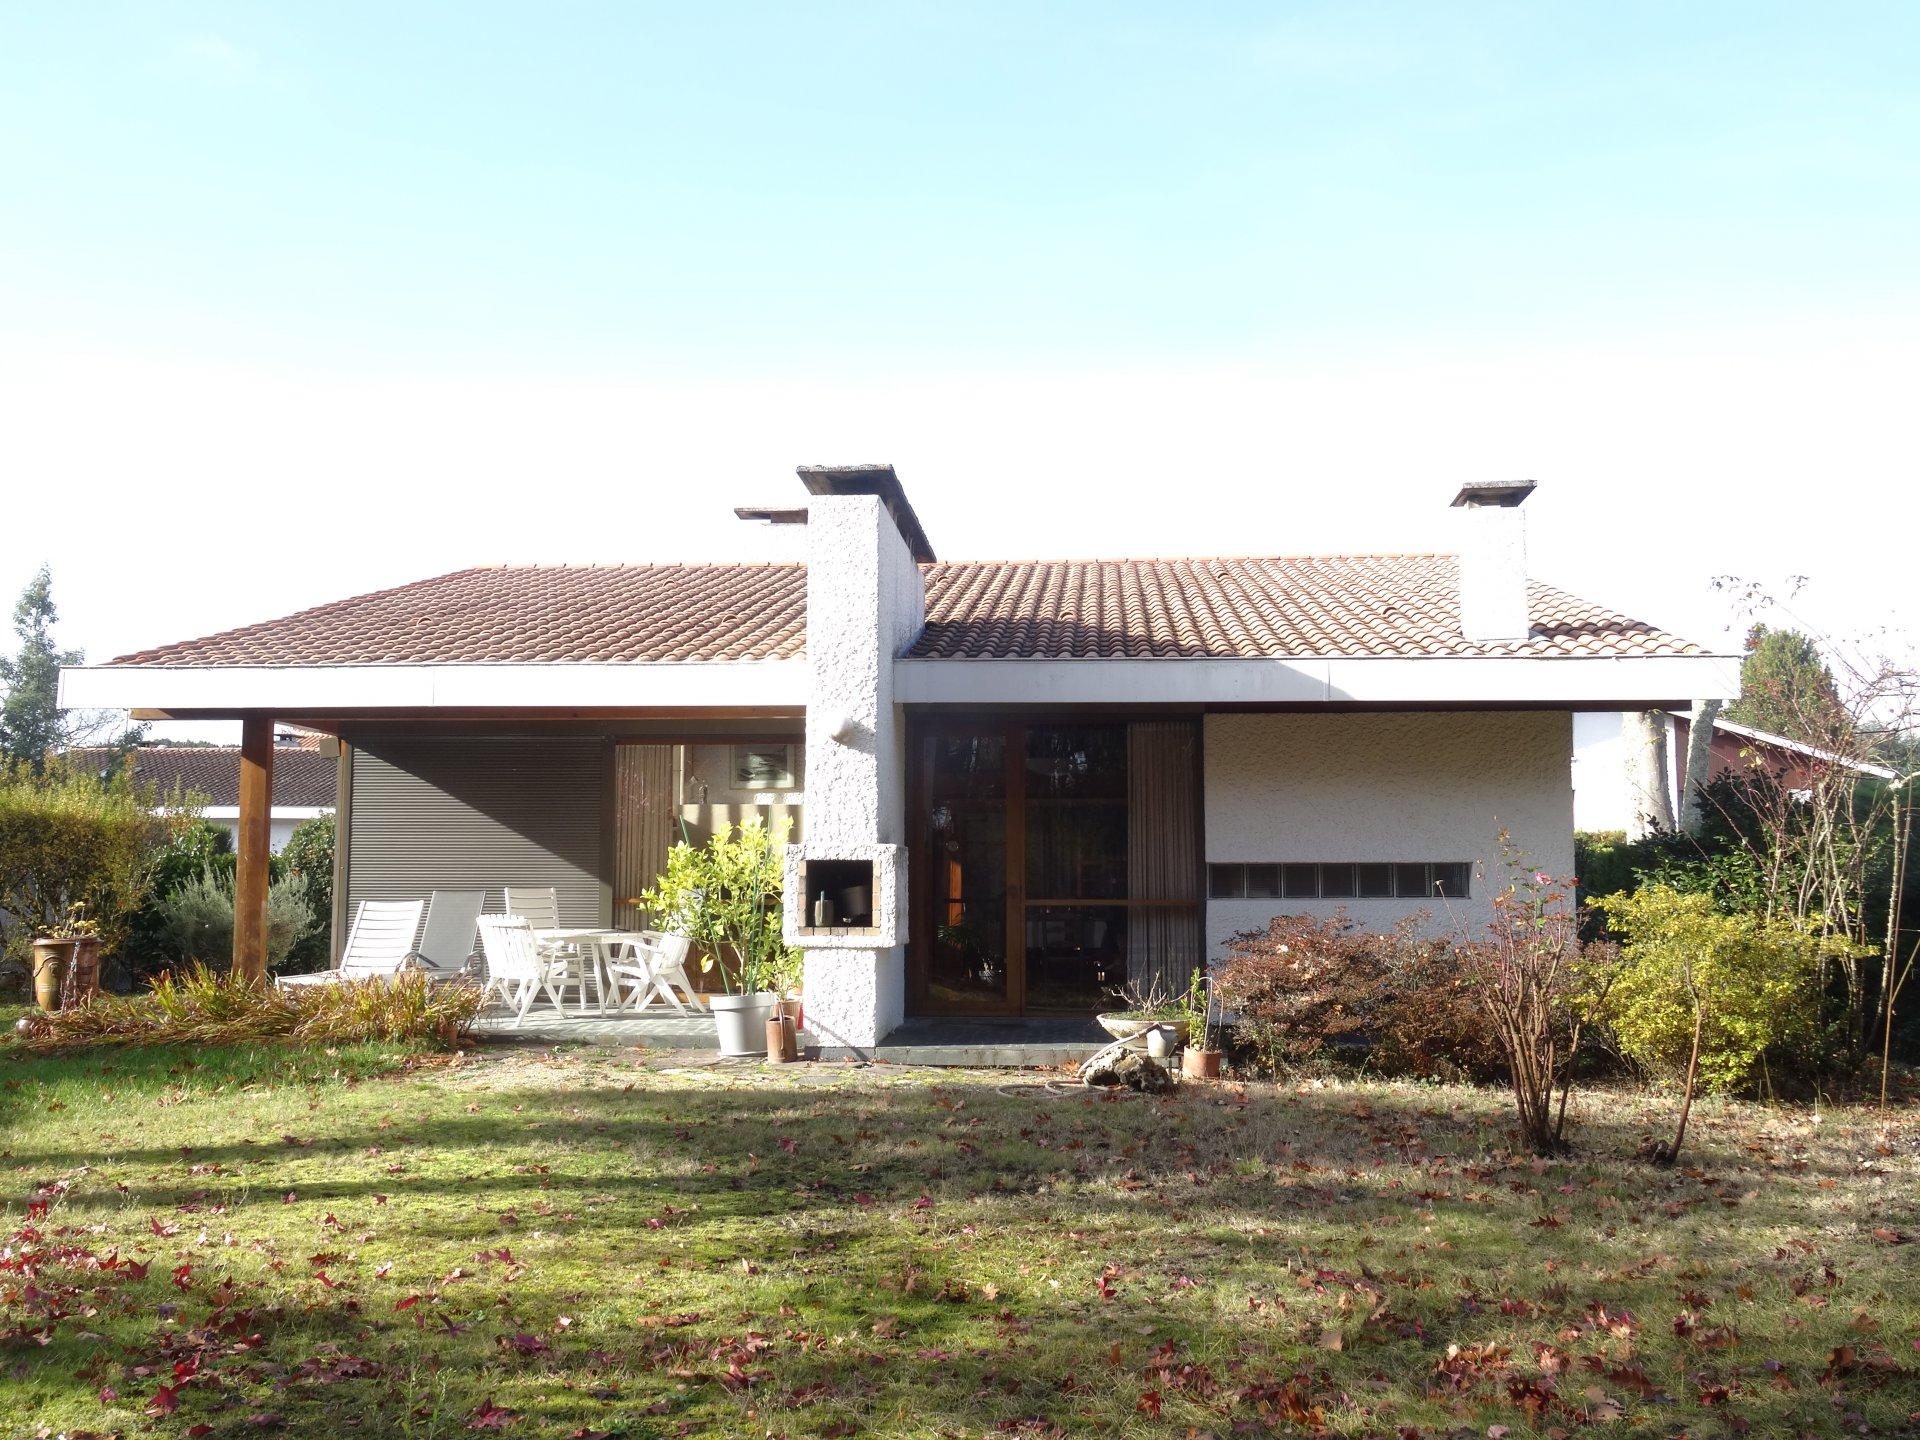 NICE HOUSE WITH GARDEN IN MERIGNAC